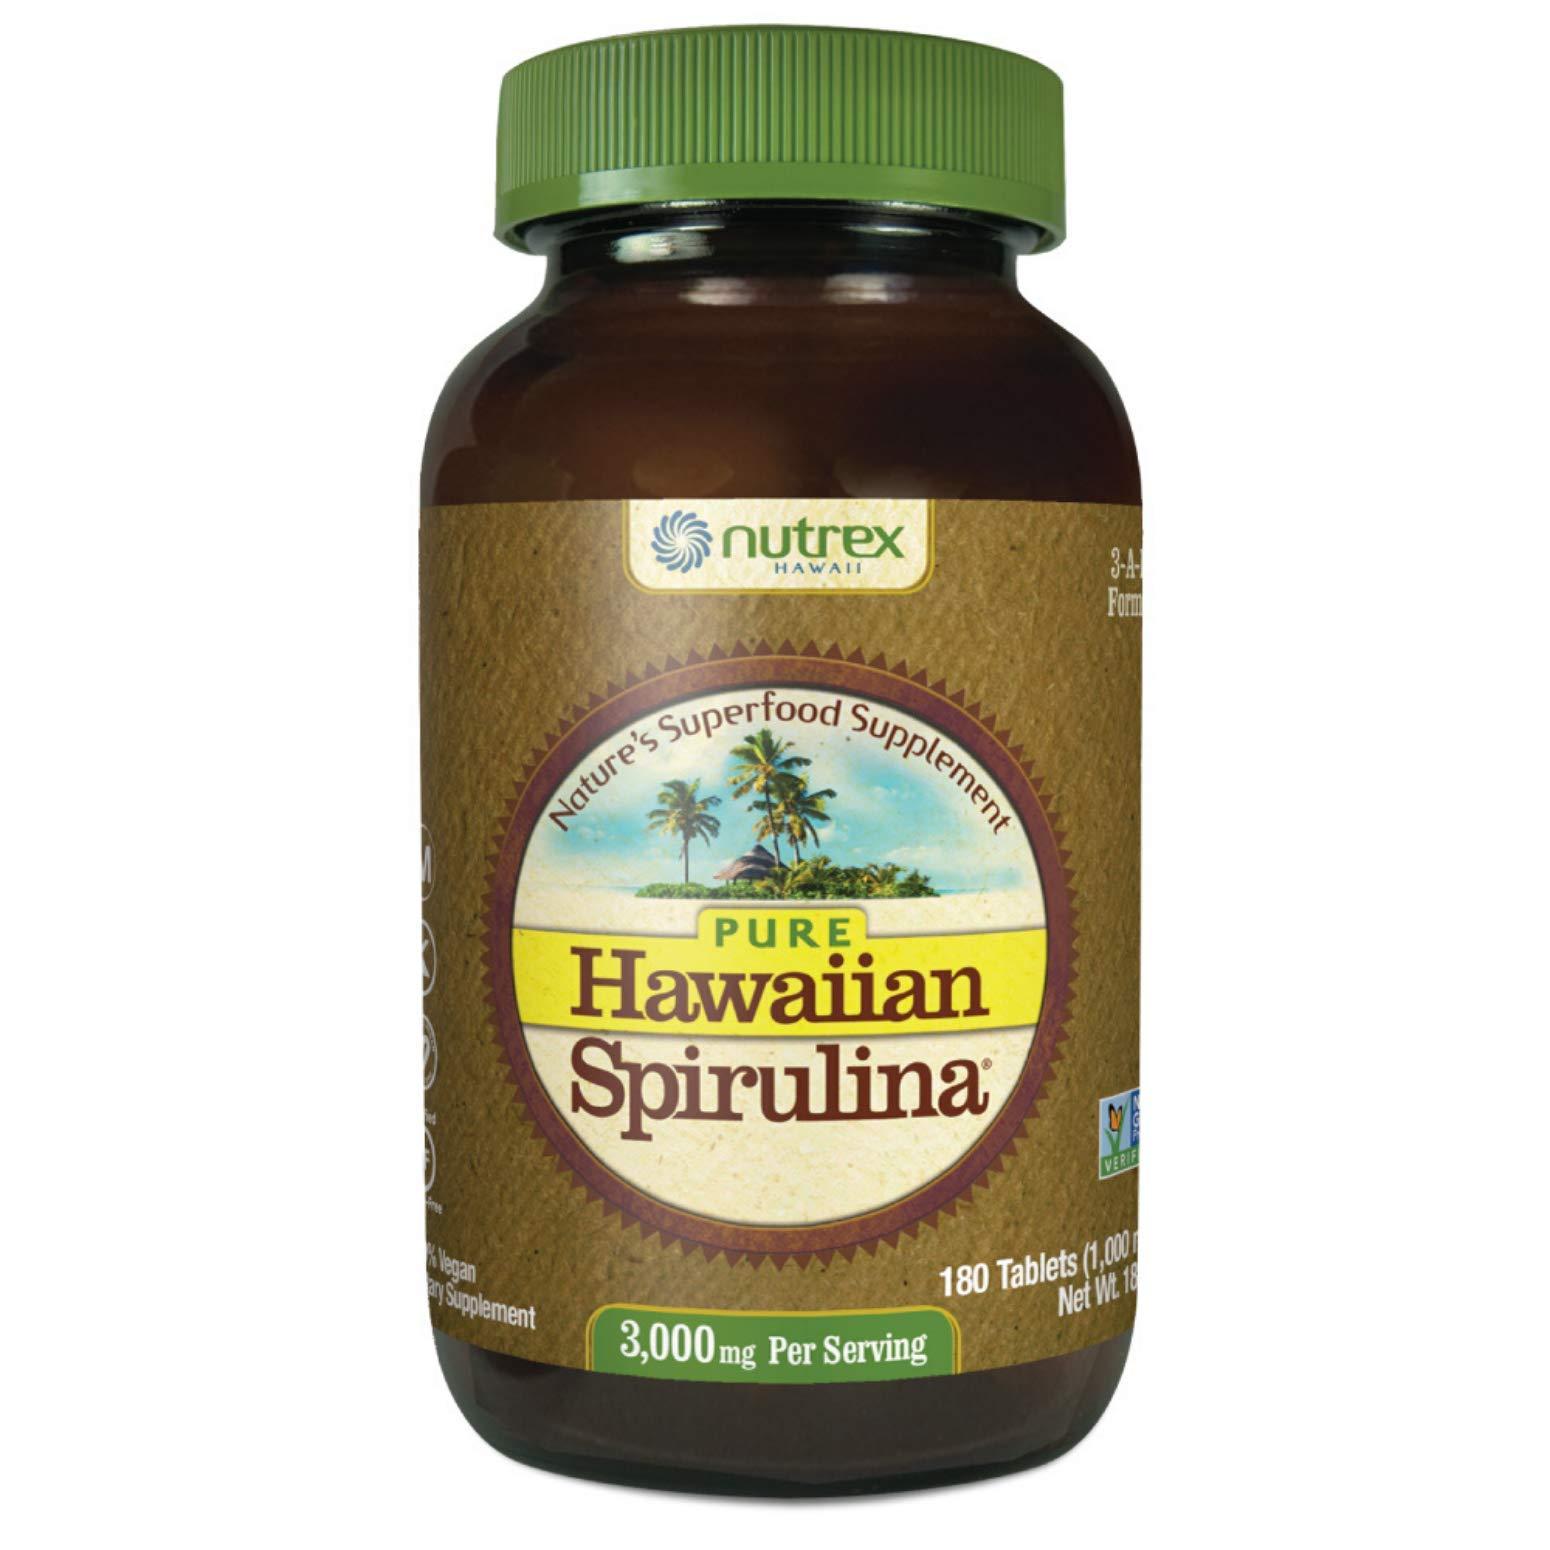 Nutrex Hawaii Hawaiian Spirulina Pacifica 1000 Mgs., 180-Tablet Bottle